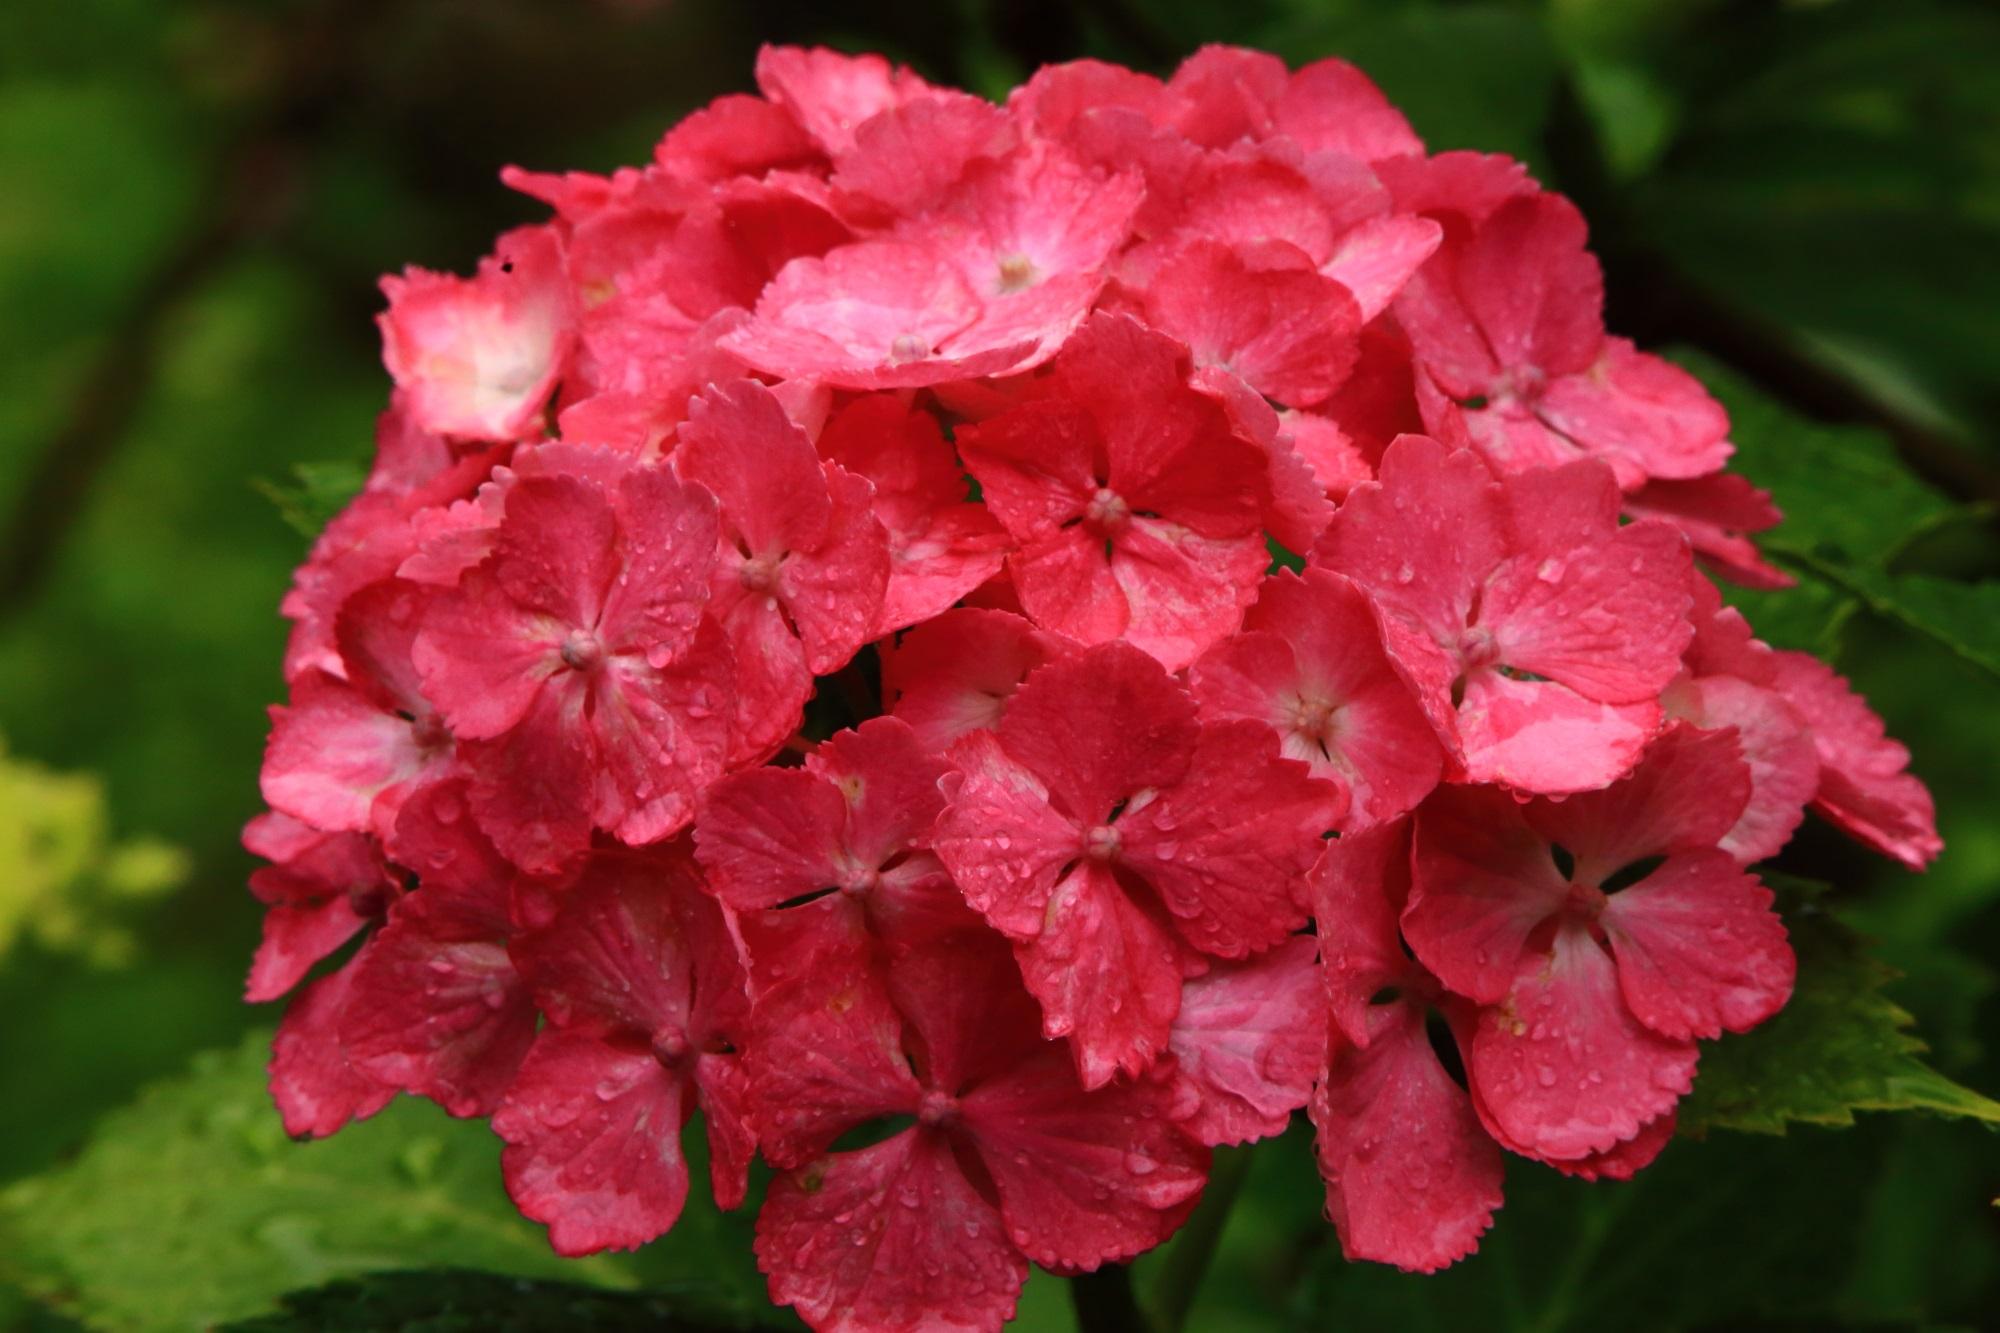 鮮烈な色合いの赤系の紫陽花